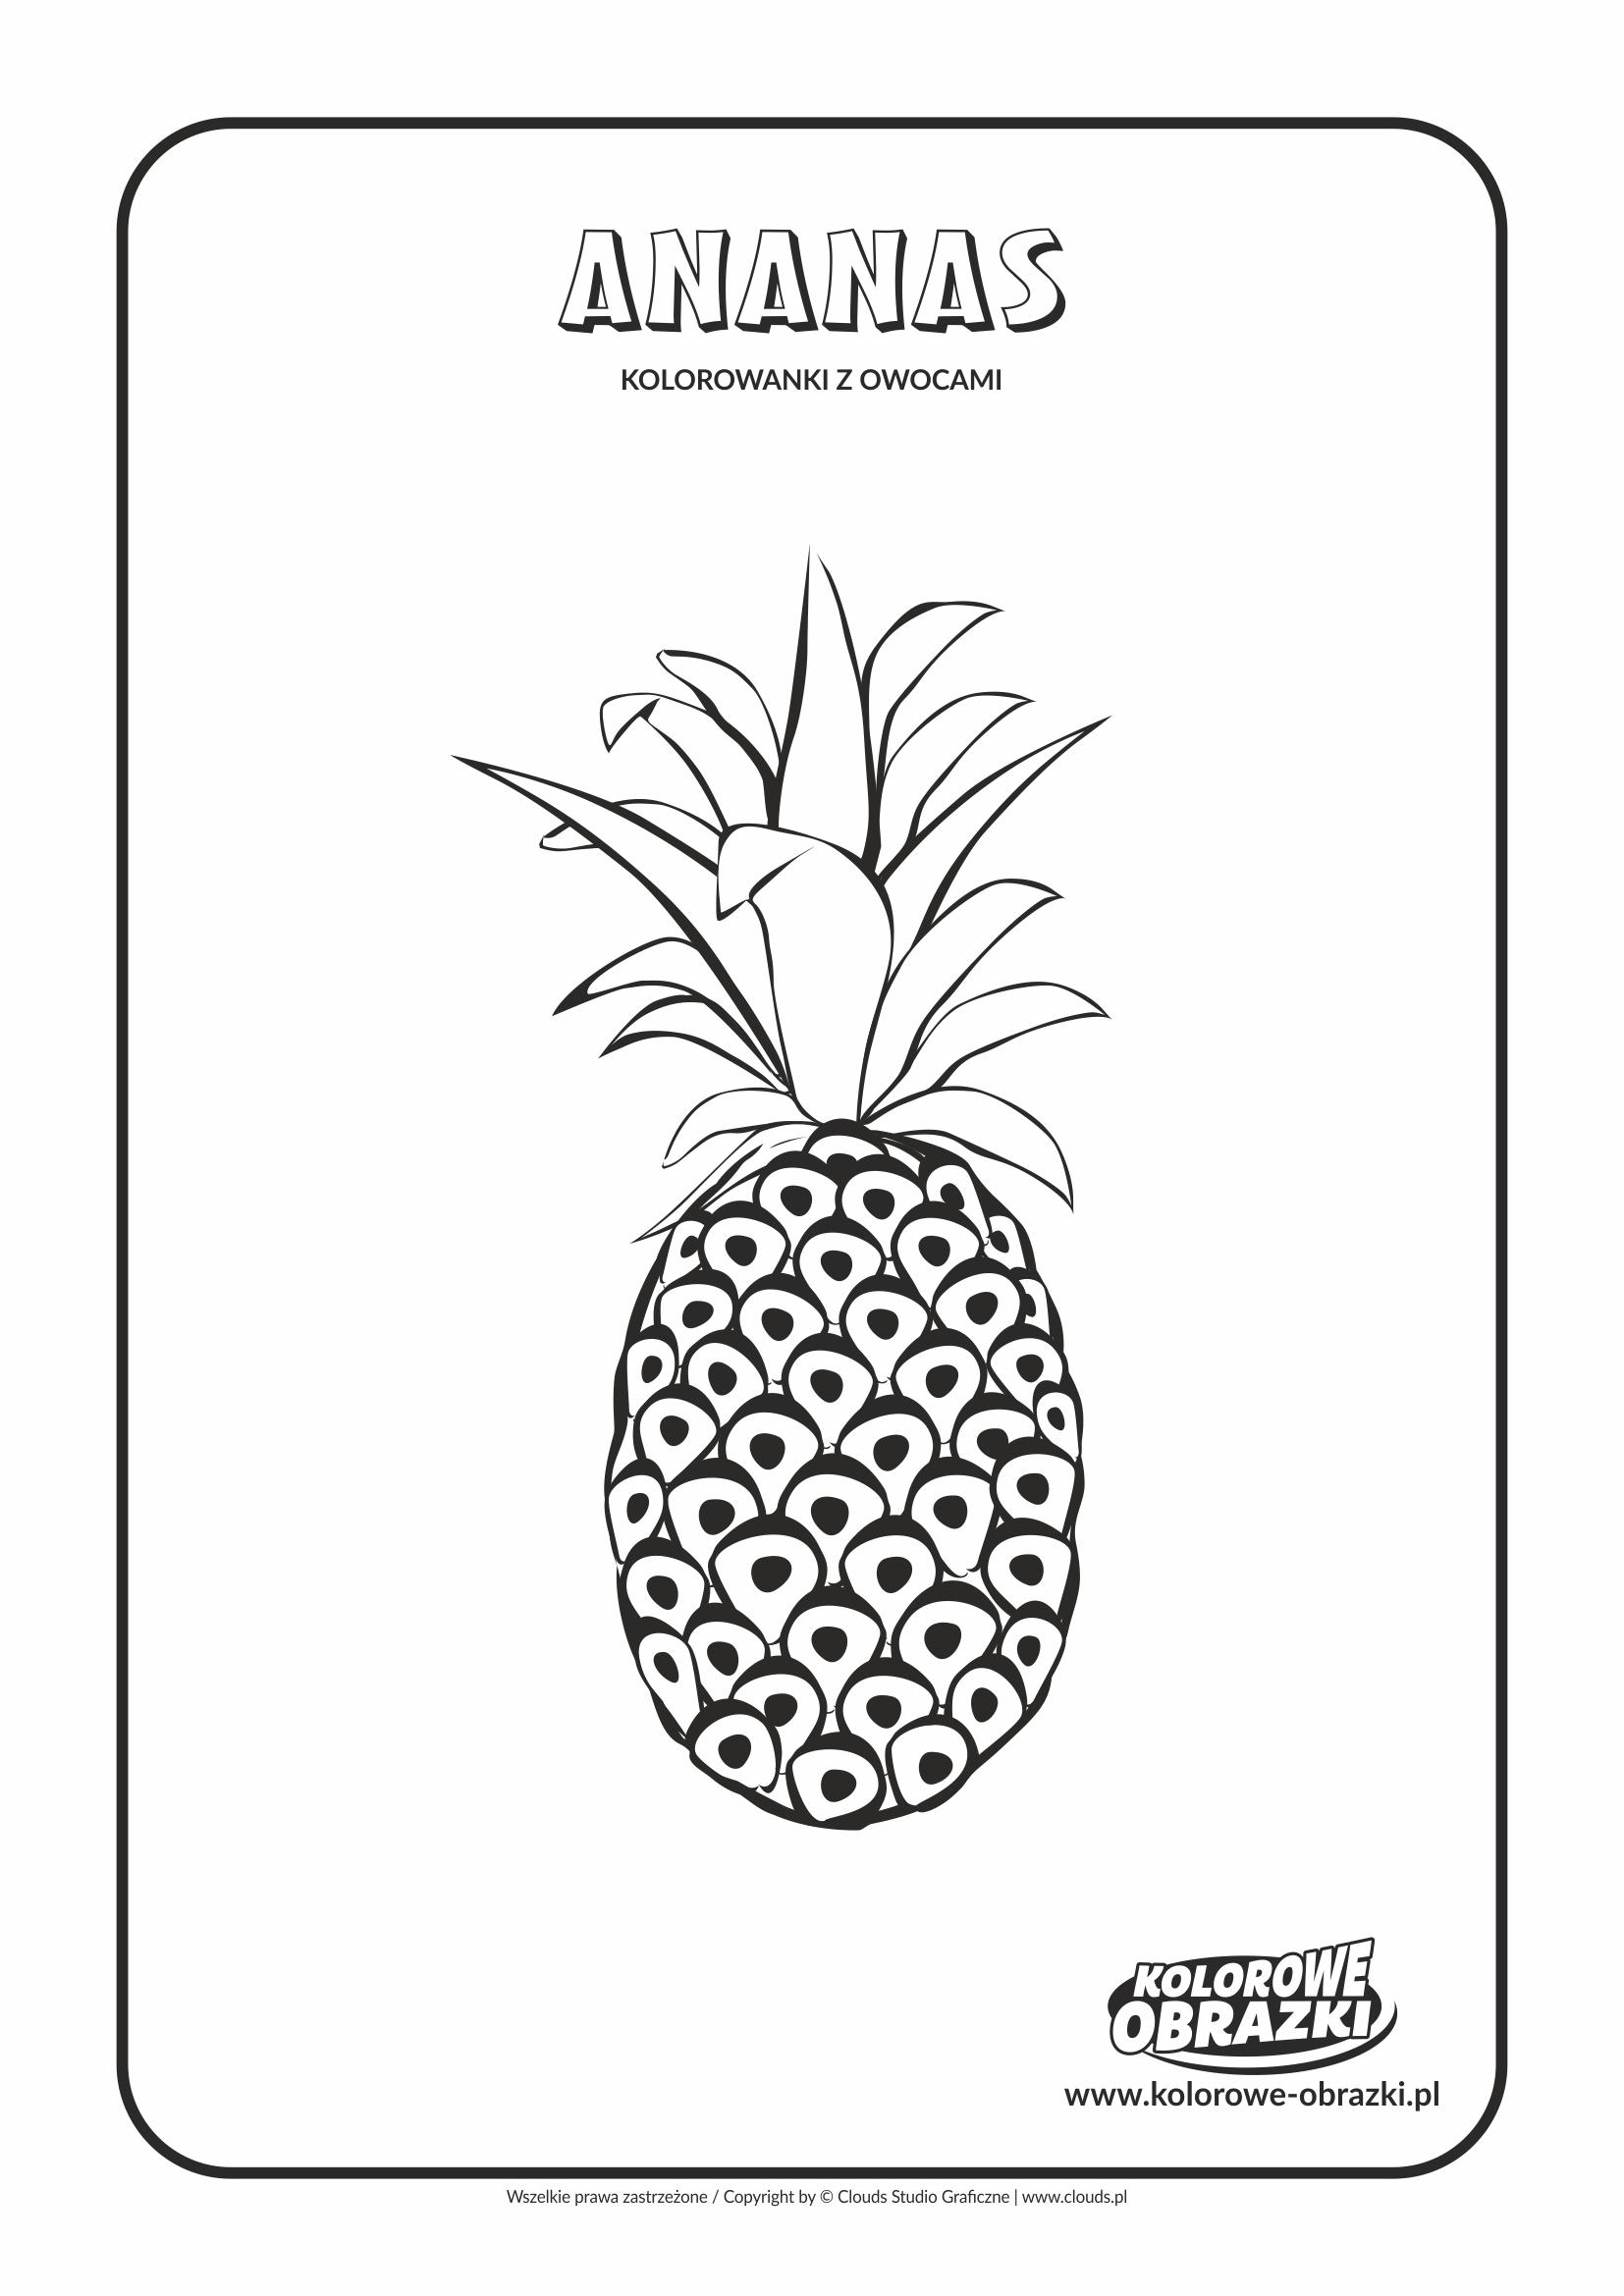 Kolorowanki dla dzieci - Rośliny / Ananas. Kolorowanka z ananasem